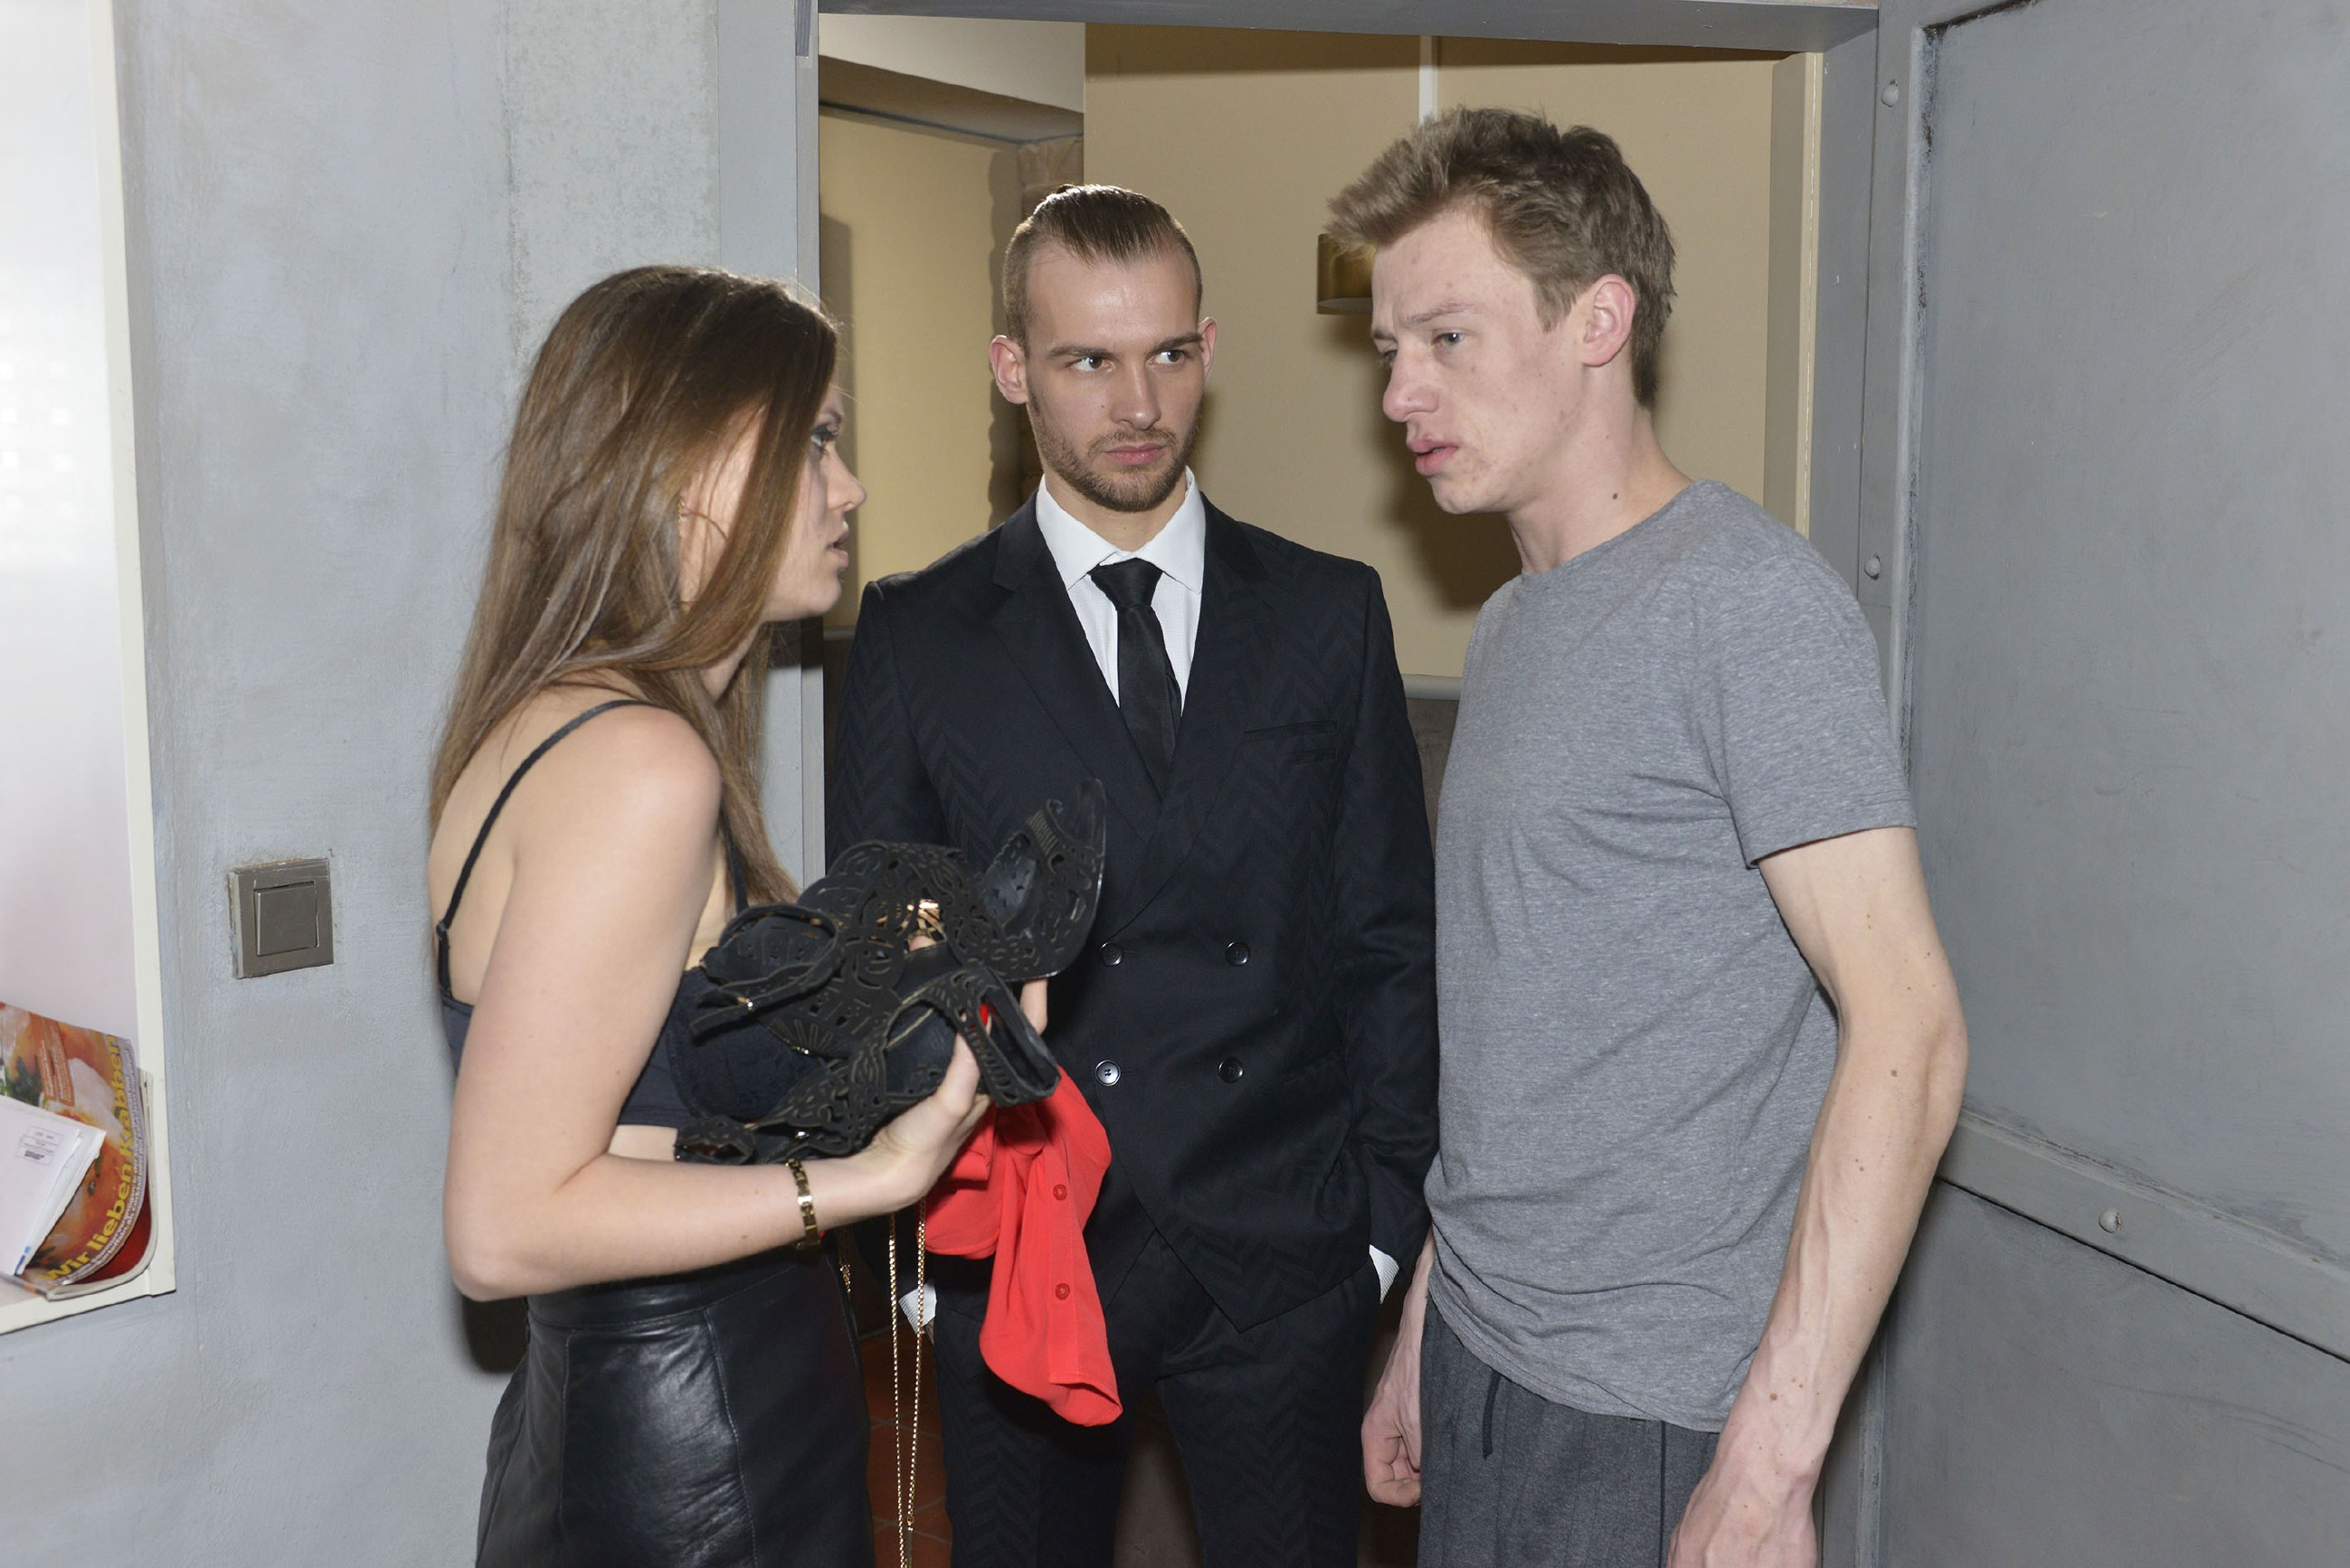 Vince (Vincent Krüger, r.) versucht vergeblich vor Chris (Eric Stehfest) zu verheimlichen, dass er in der Nacht vor seiner Hochzeit etwas mit Jessica (Lisa Degner) hatte...